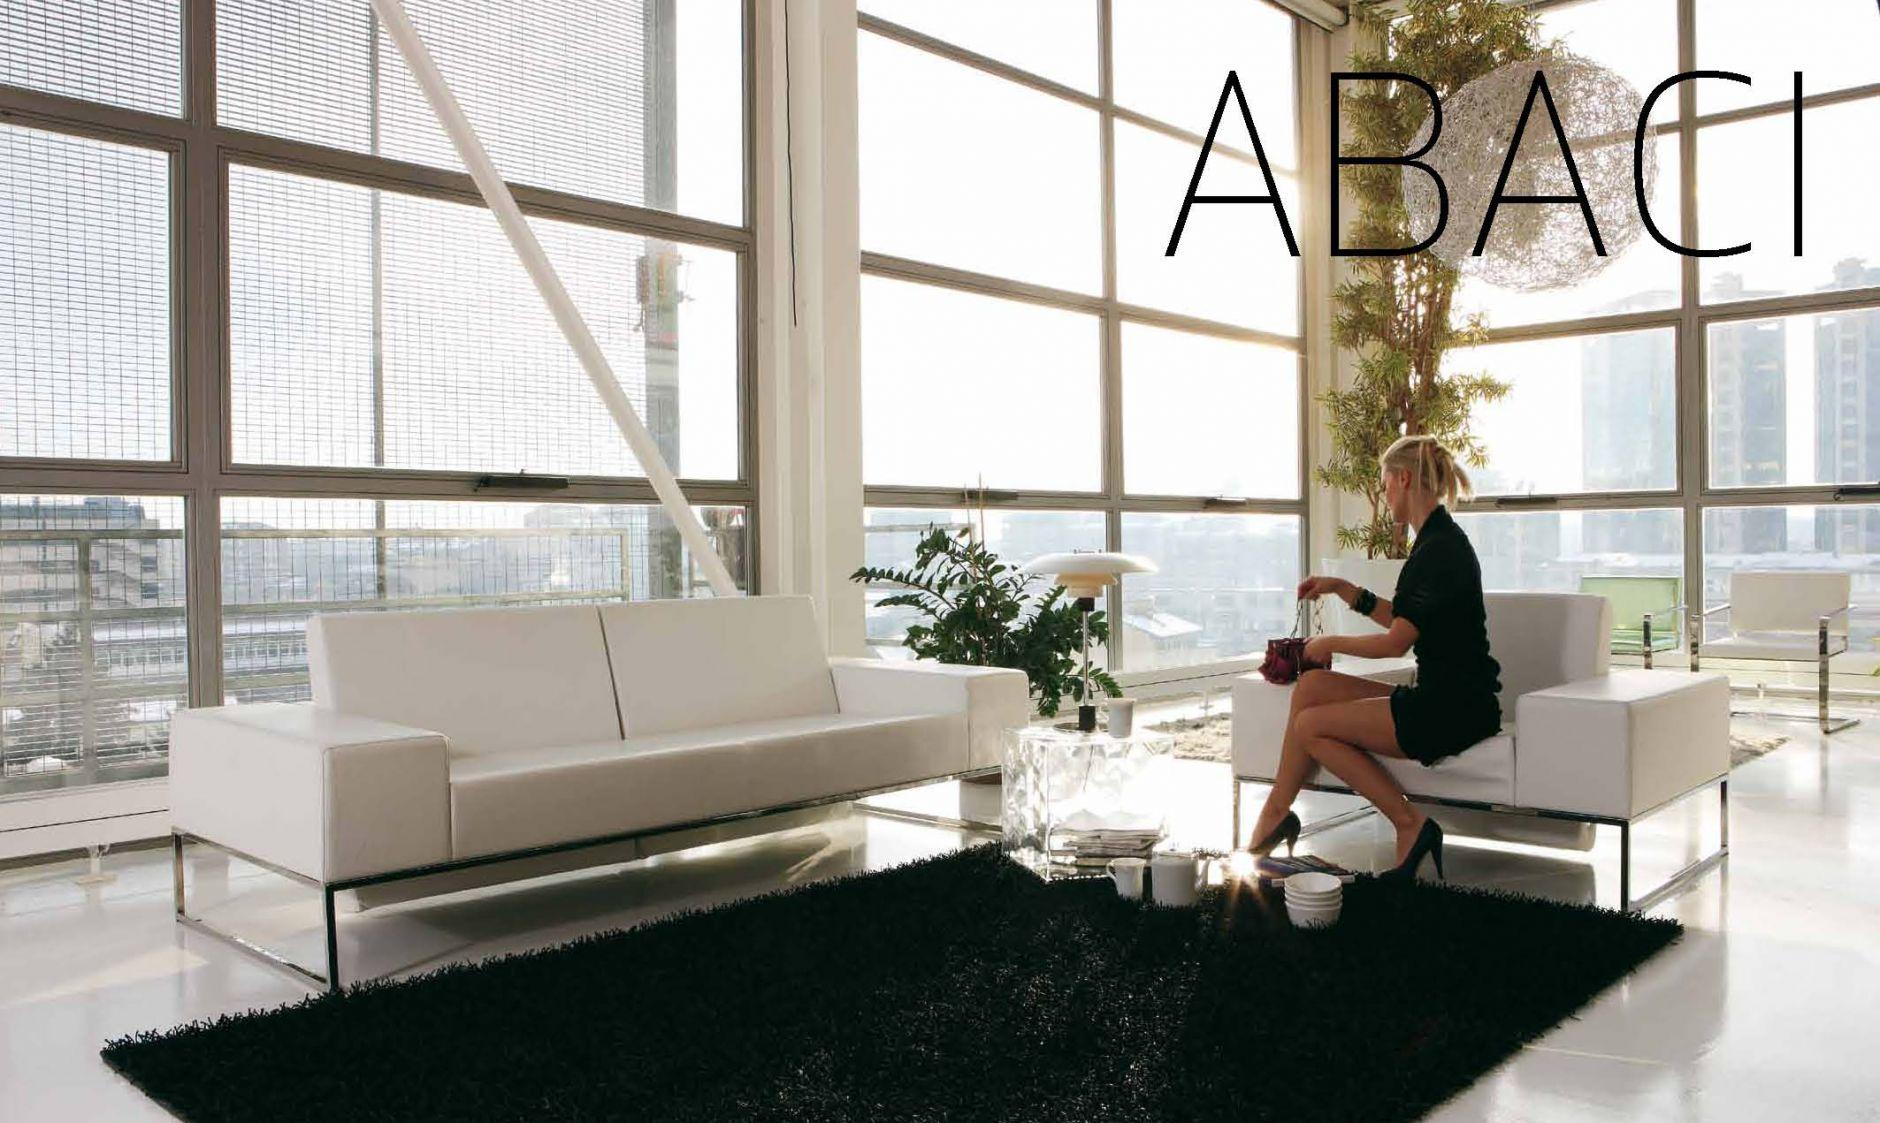 Polstermöbel - ALPA SALOTTI Sofa-Serie ABACIDie Möbel aus Italien